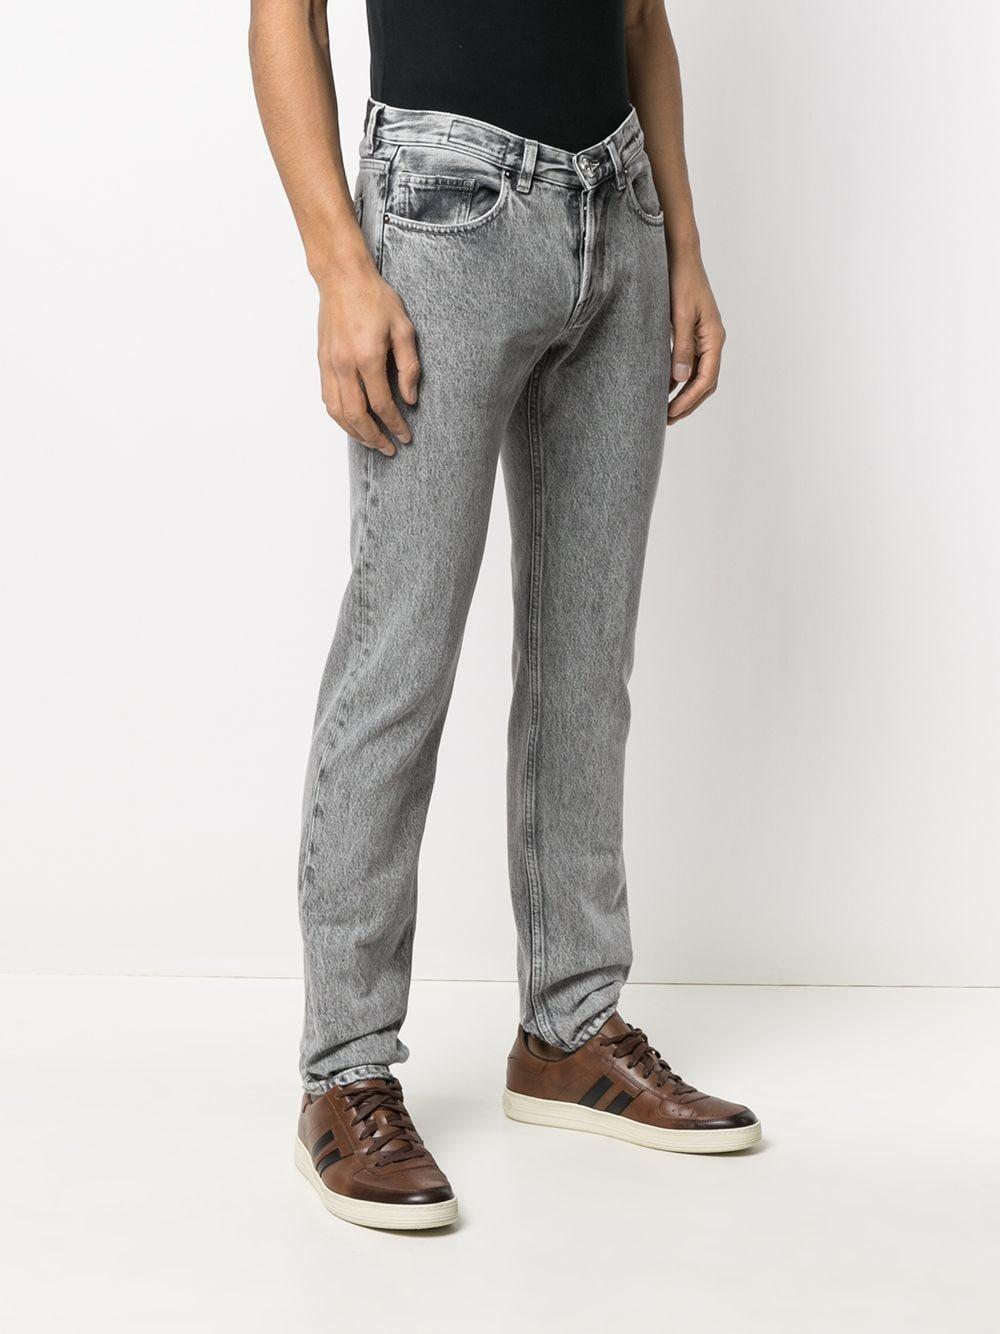 Jeans a gamba dritta in cotone grigio effetto consumato ELEVENTY | Pantaloni | C75PANC06-TET0C01506